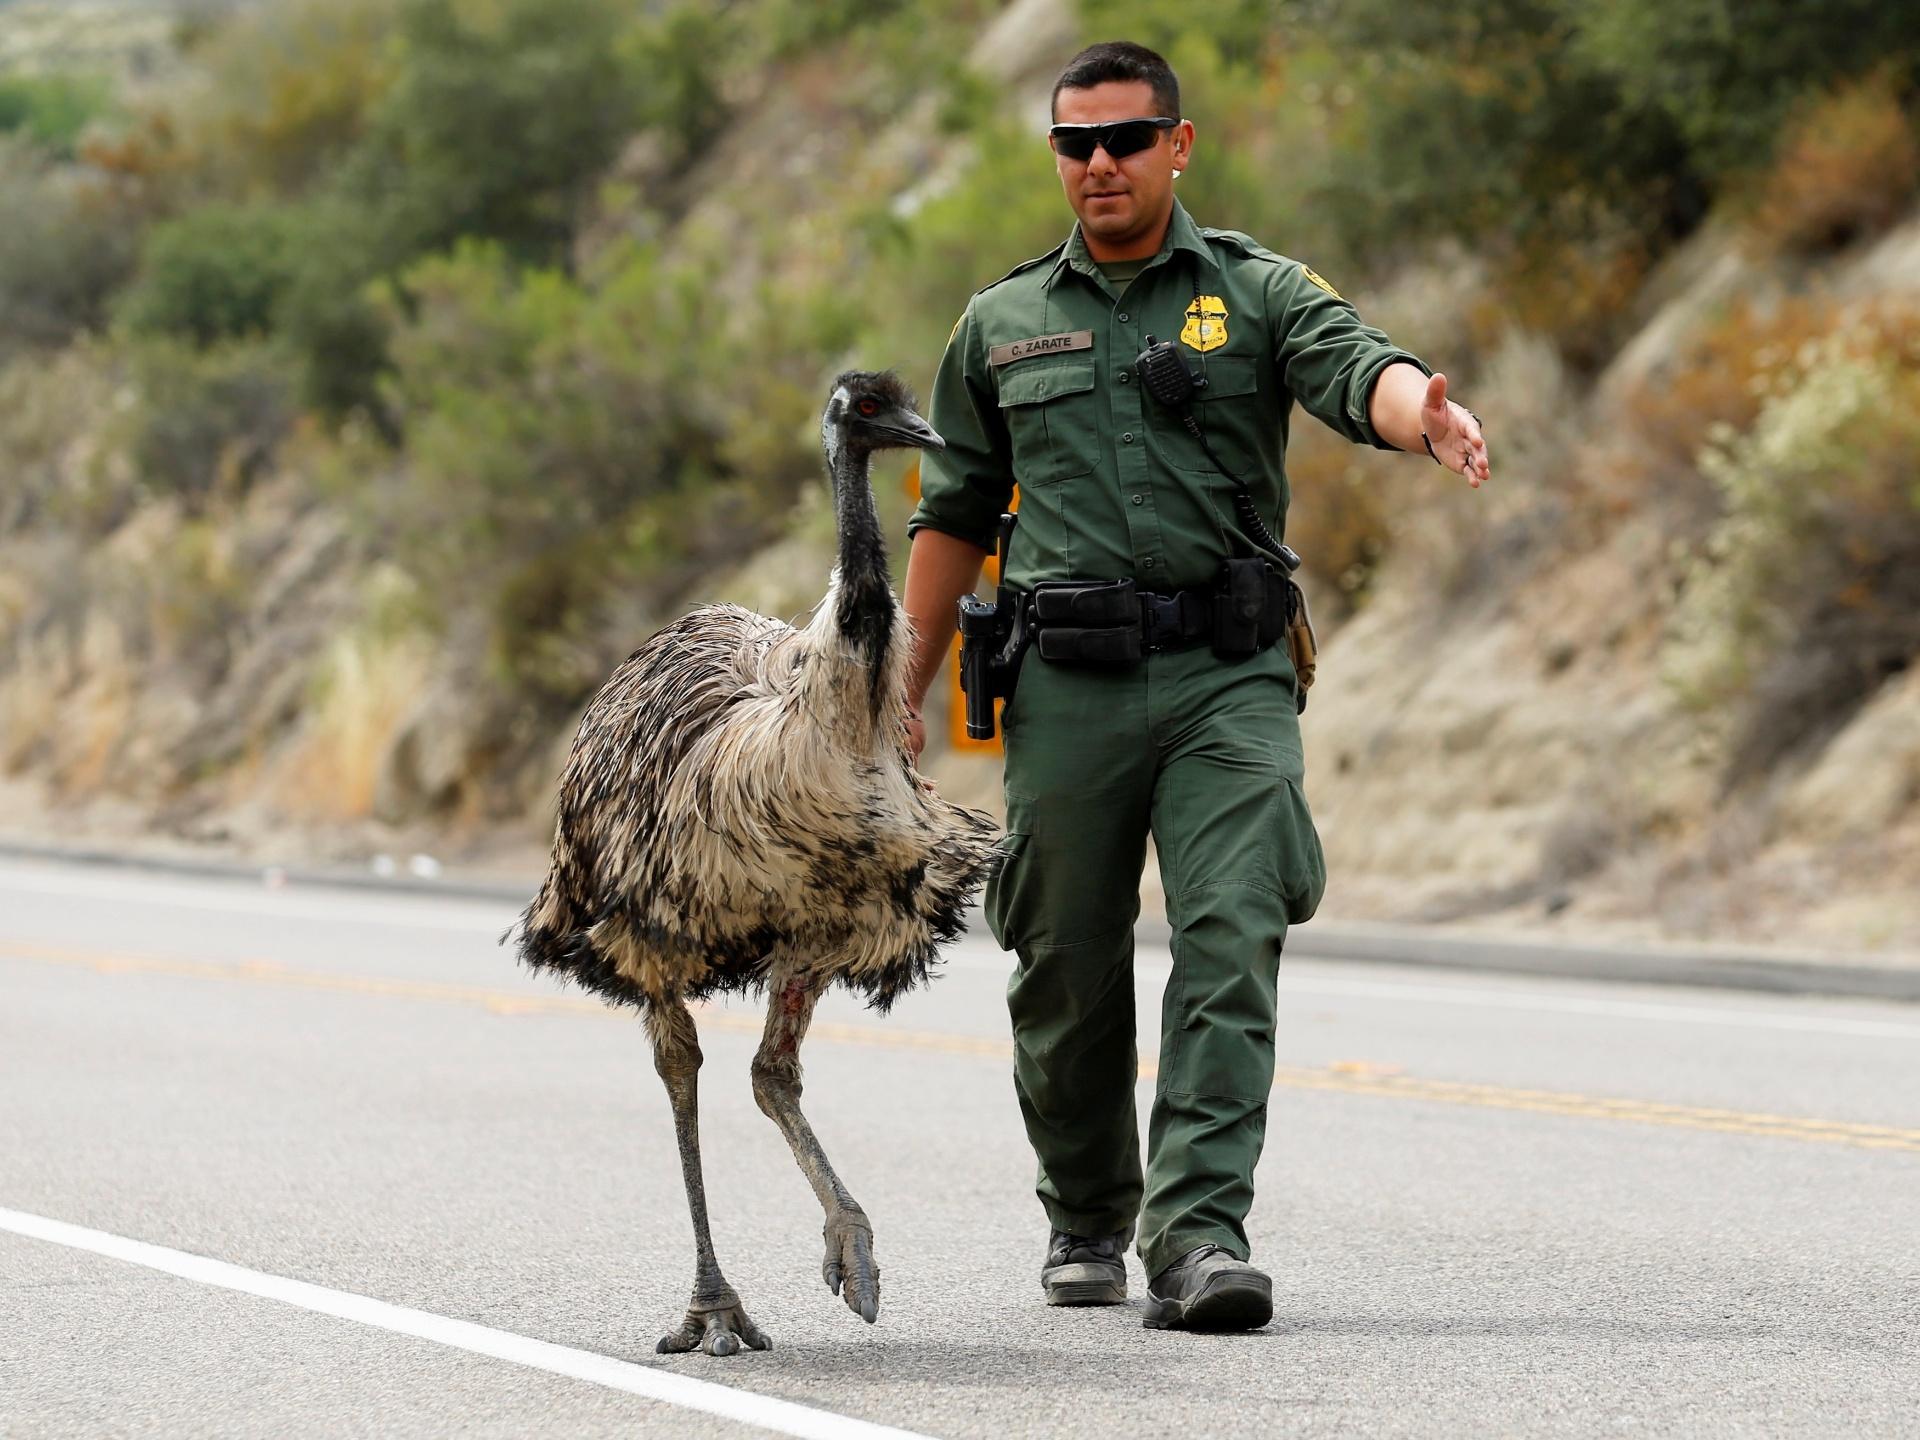 21.jun.2016 - Um oficial de fronteira dos Estados Unidos tenta tirar um avestruz da estrada durante um incêndio florestal na fronteira com o México, em Potrero, Califórnia (EUA)